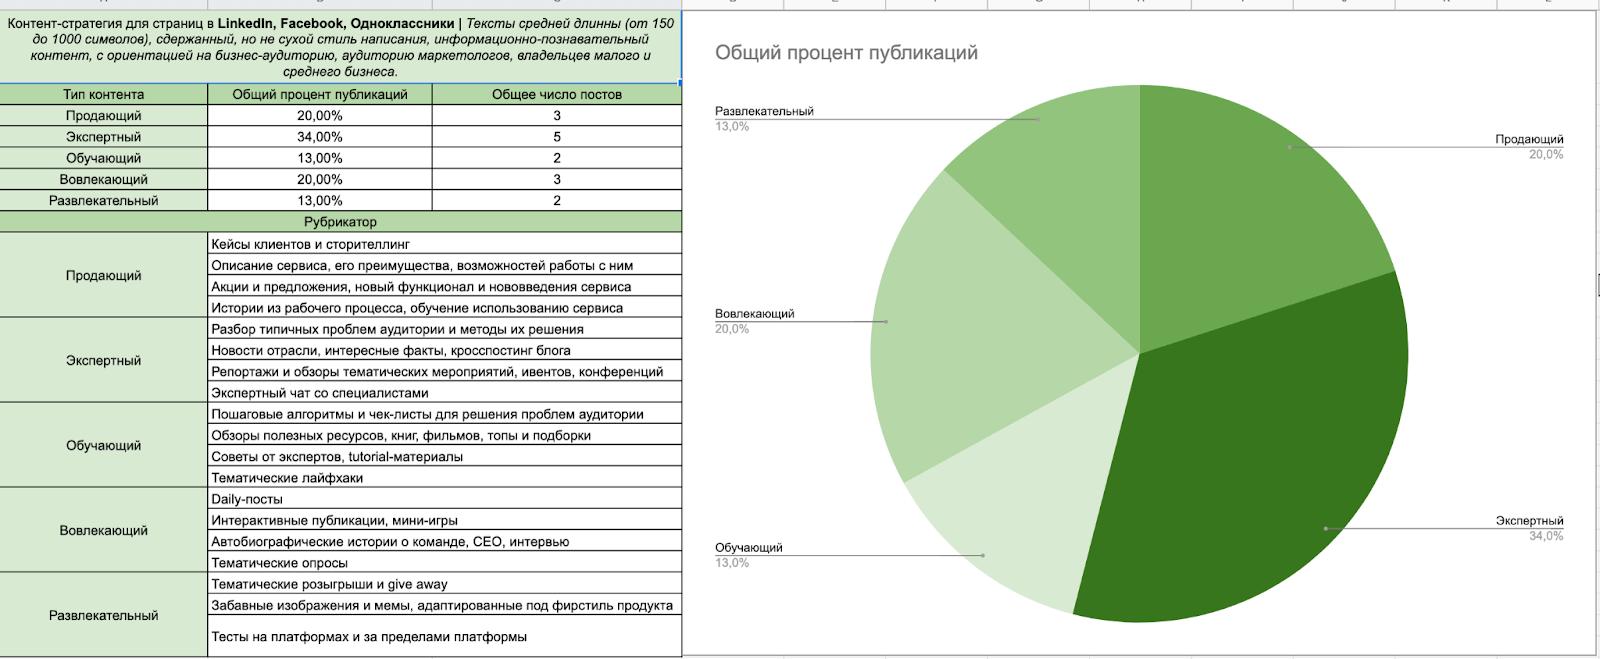 диаграма-статистика по публикациям